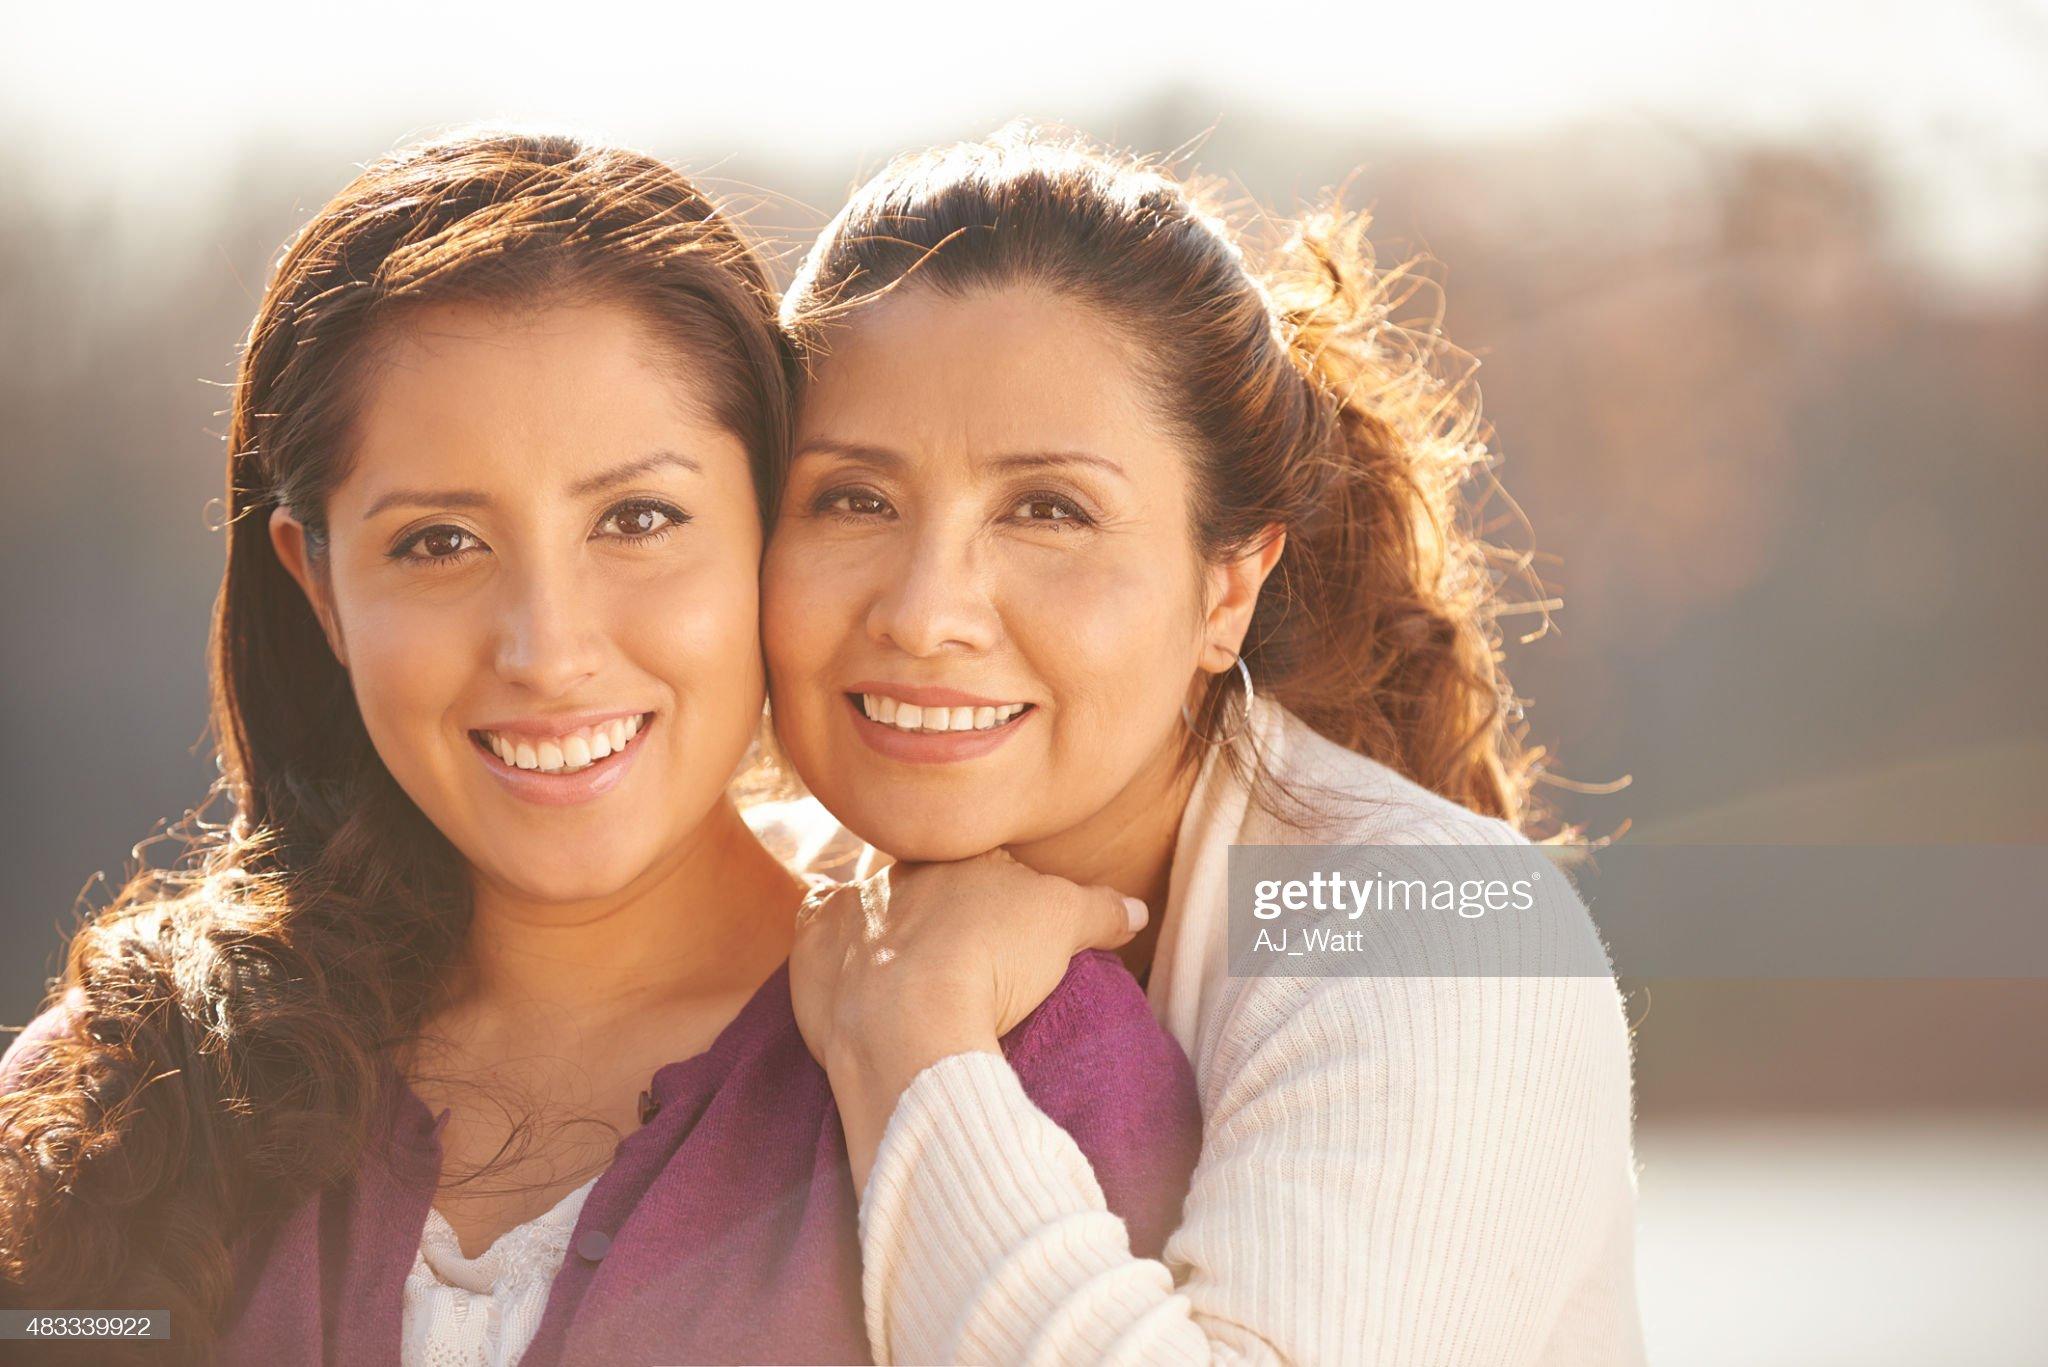 Las razas y etnias en el mundo - Página 6 My-daughter-means-the-world-to-me-picture-id483339922?s=2048x2048